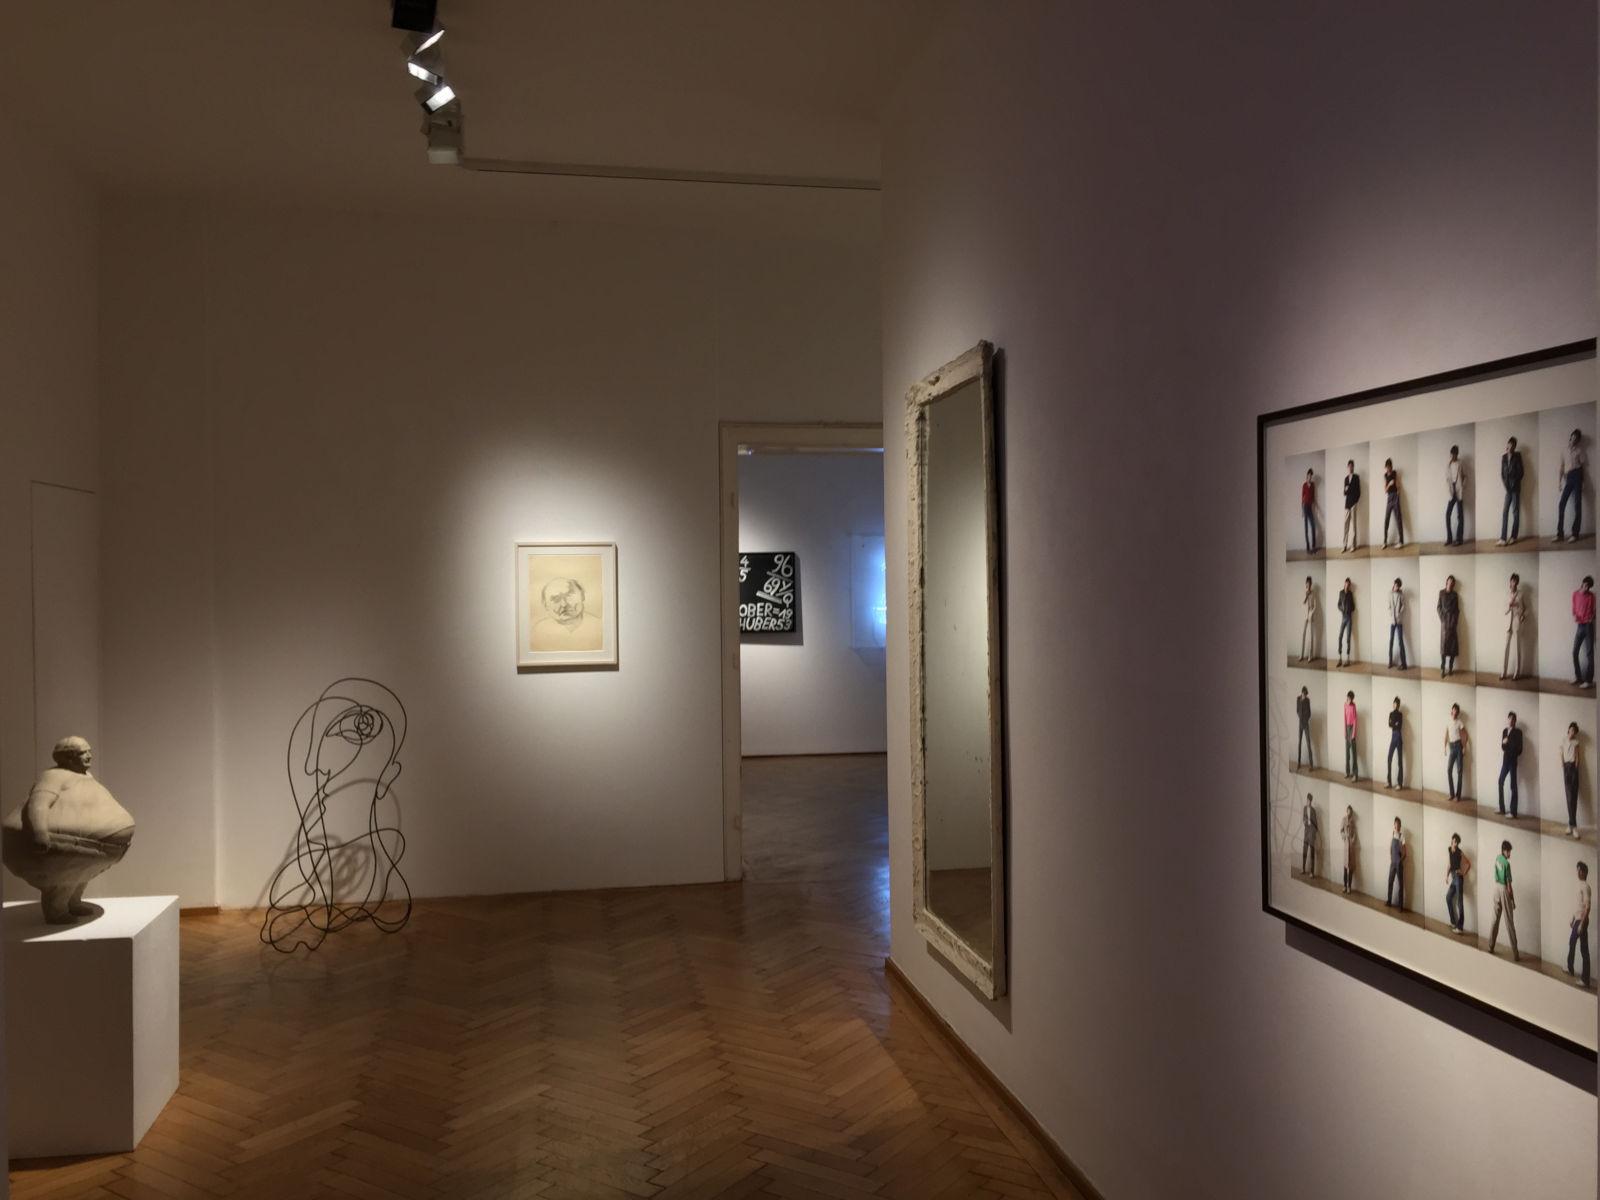 Galerie Ernst Hilger Gegen die Doktrin 1